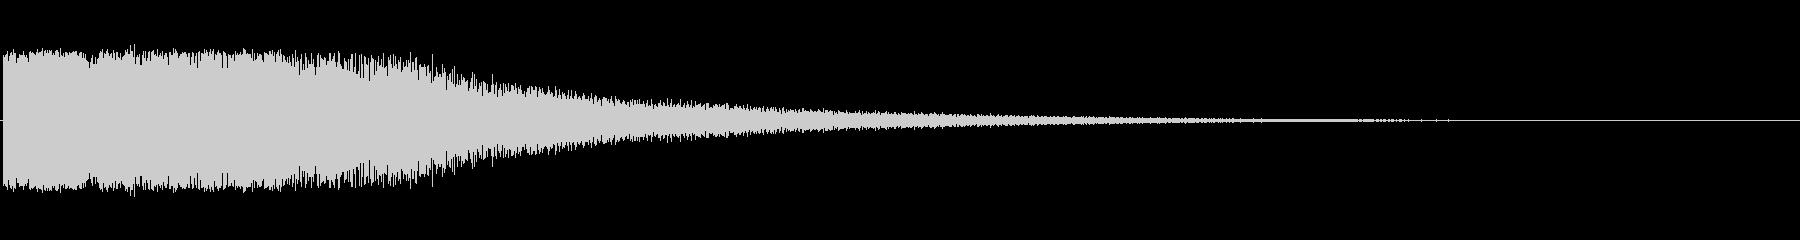 キラキラ(音階有り)の未再生の波形